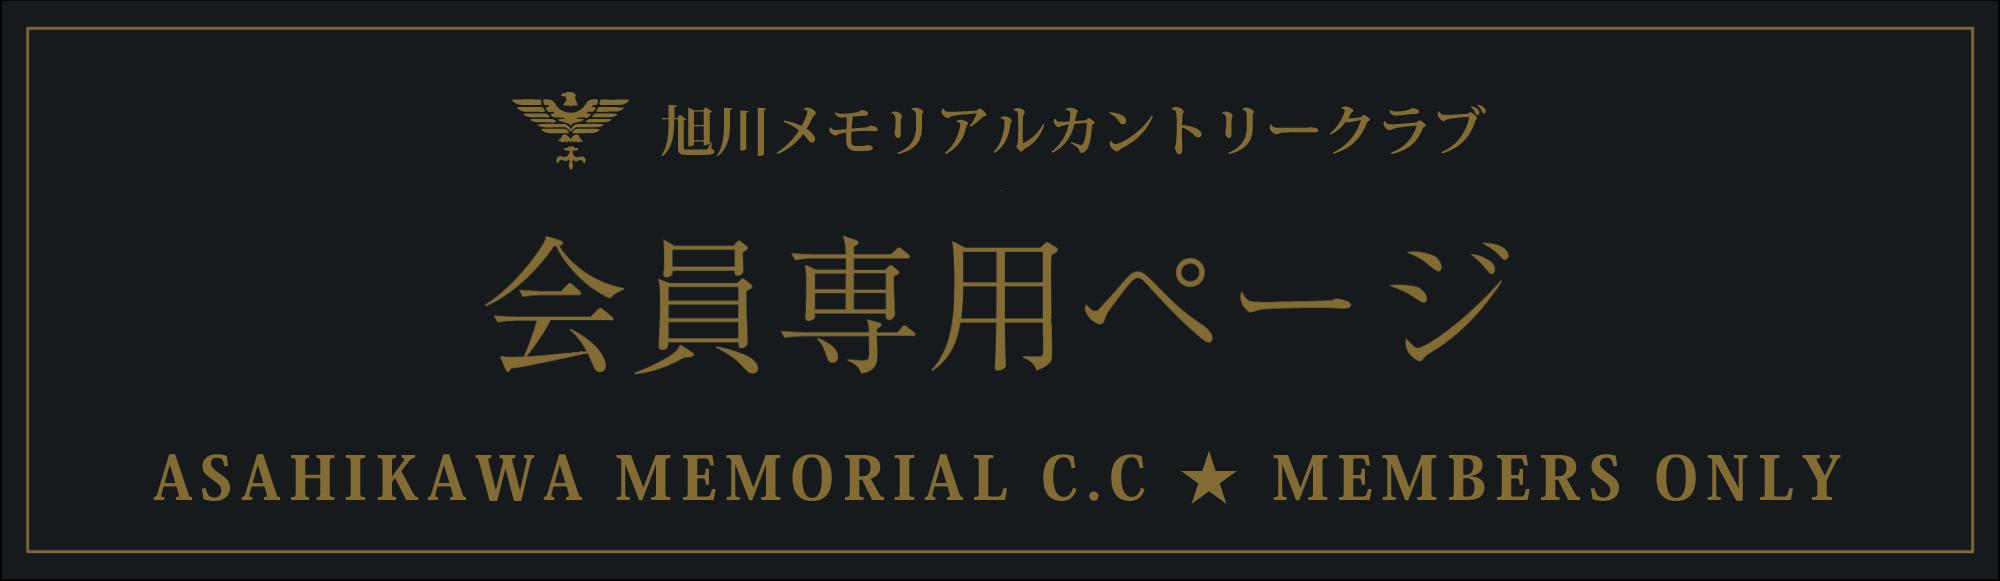 members_asahikawa